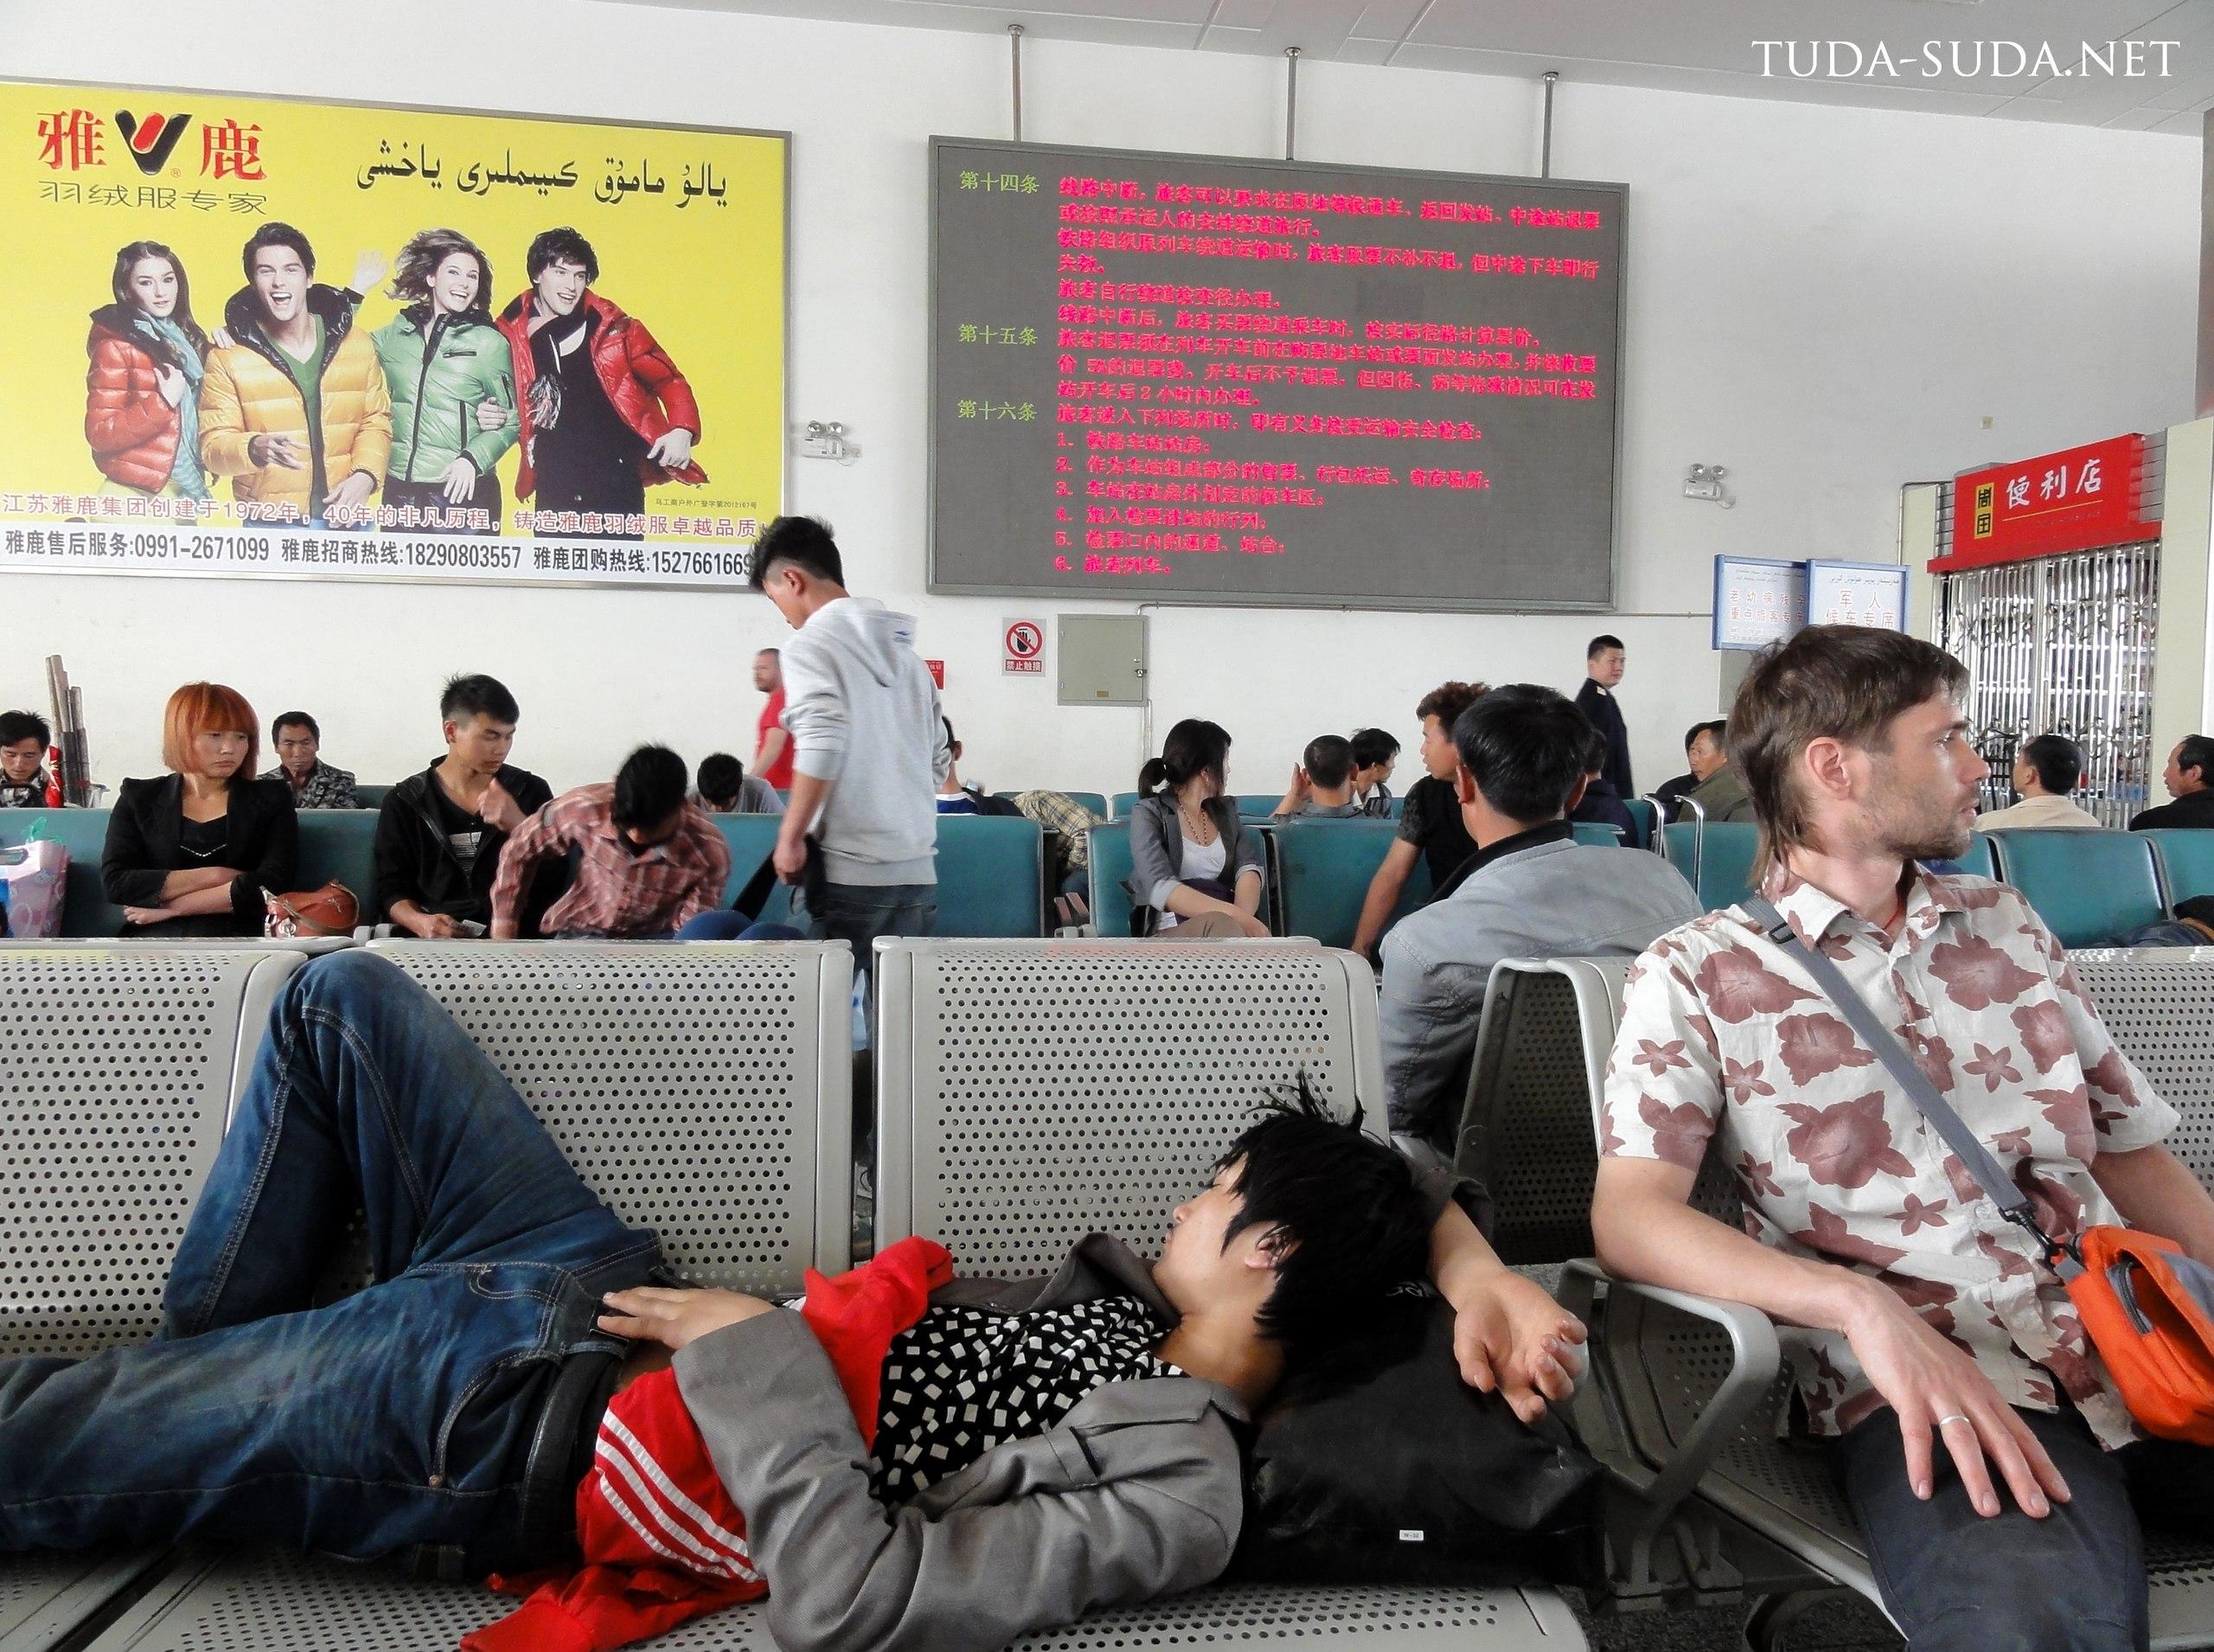 жд вокзал Китай